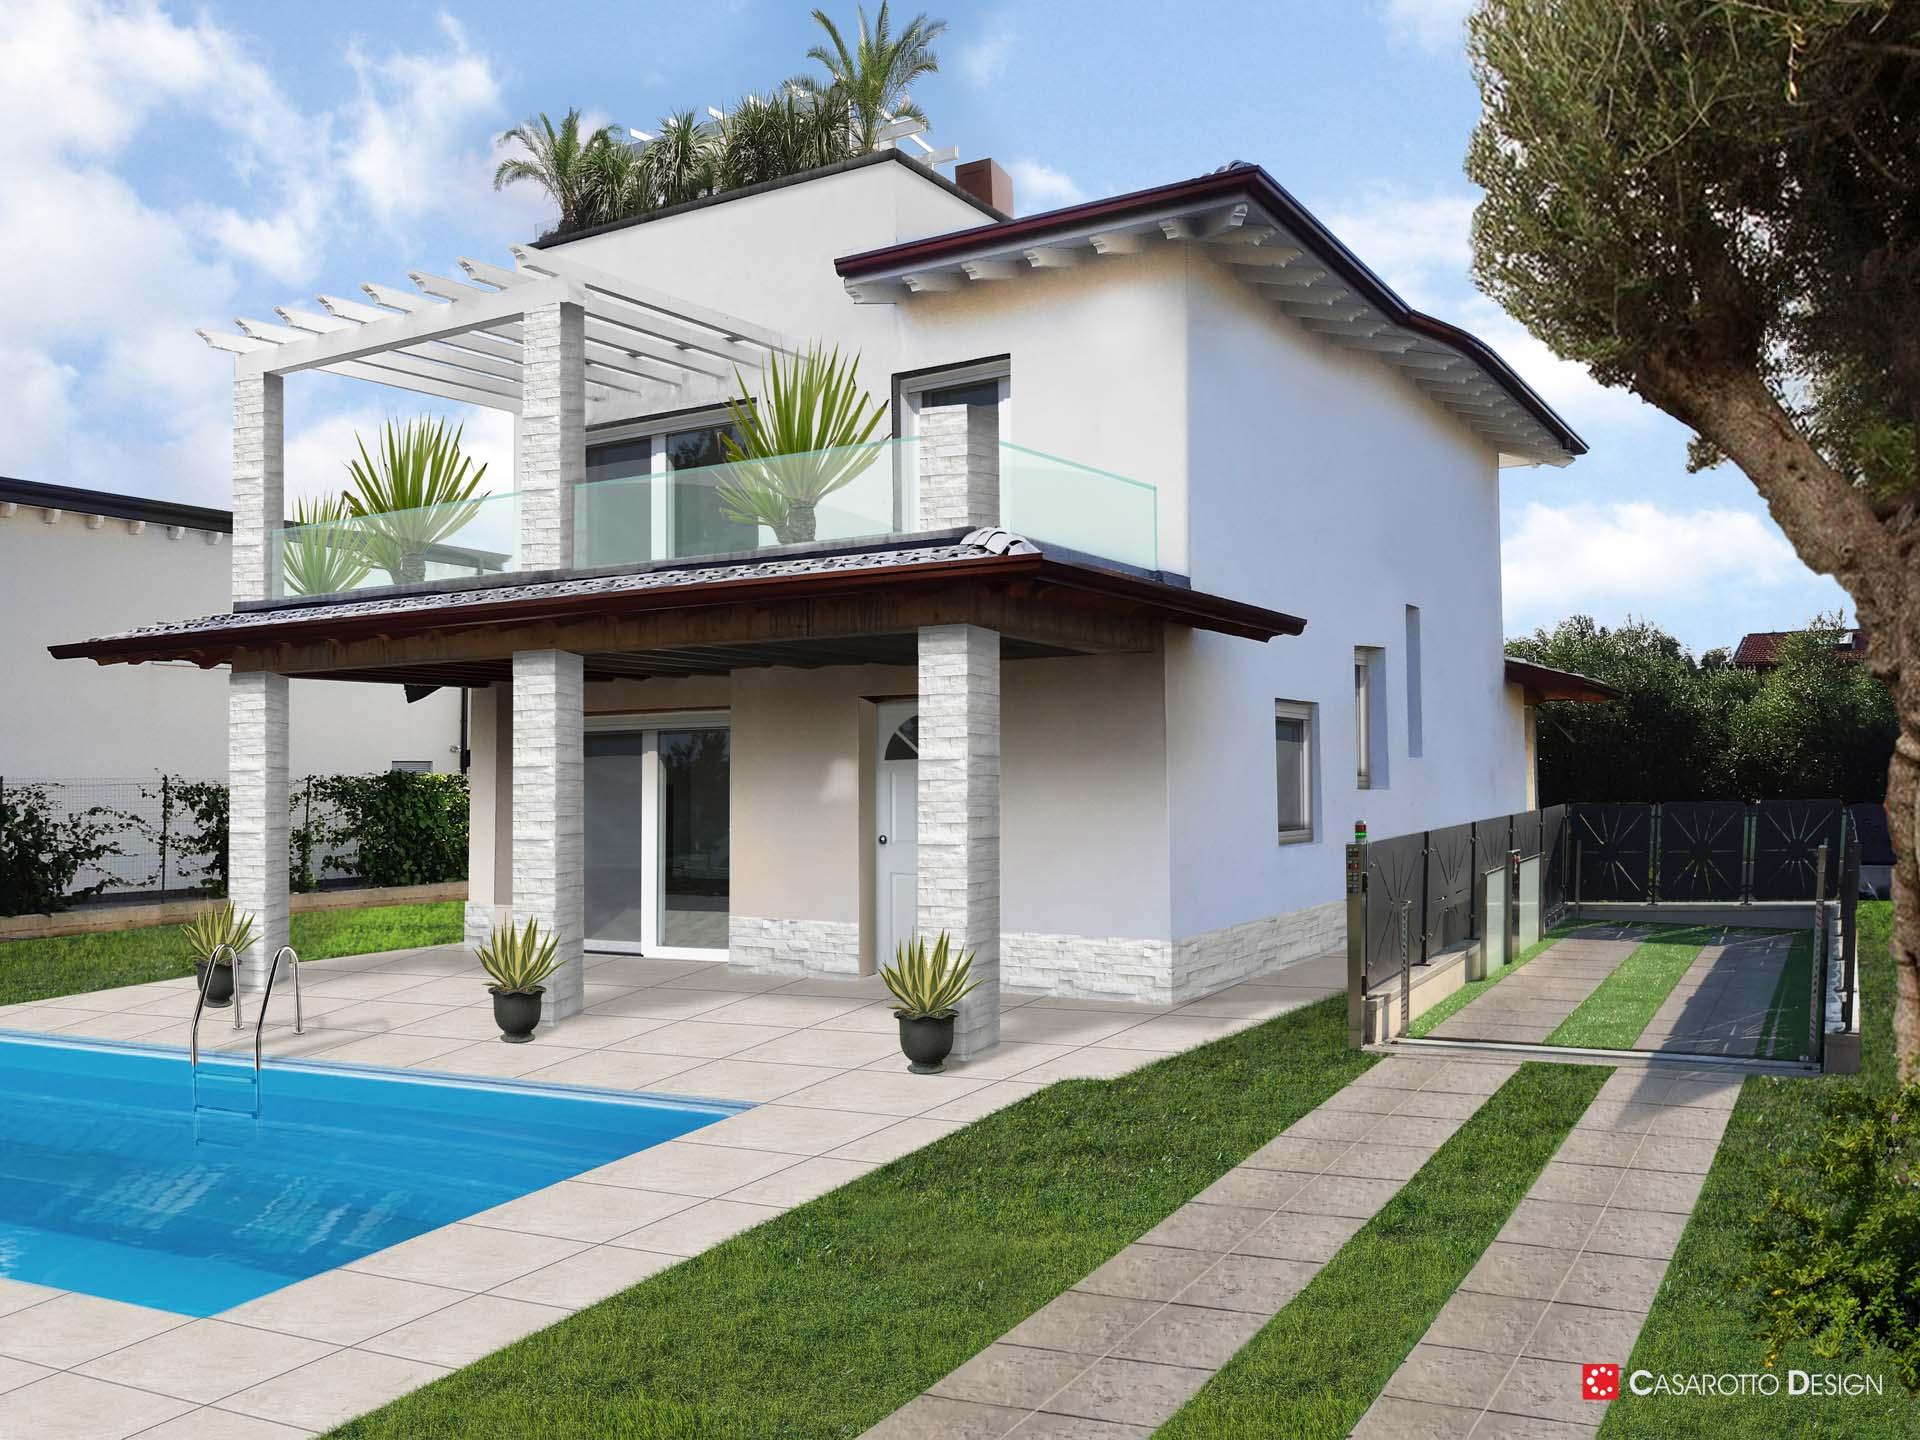 Agenzie Immobiliari Mantova render villa con piscina settore immobiliare - casarotto design